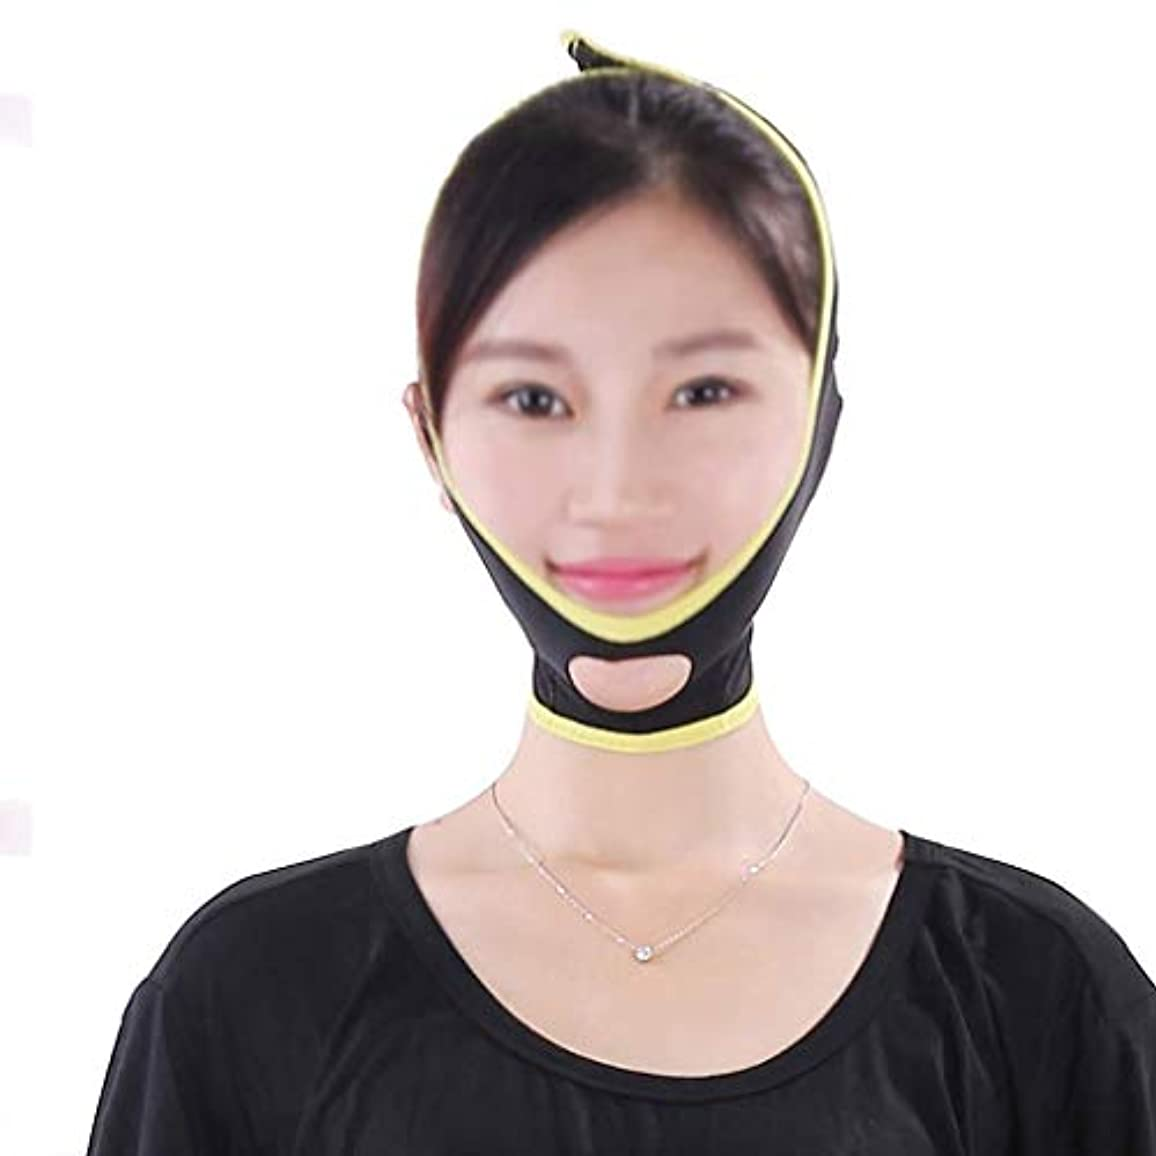 たらい軽署名フェイシャルマスク、男性と女性のフェイスリフティングアーティファクト包帯美容リフティングファーミングサイズVフェイスダブルチン睡眠マスク埋め込みシルク彫刻スリミングベルト(サイズ:L)